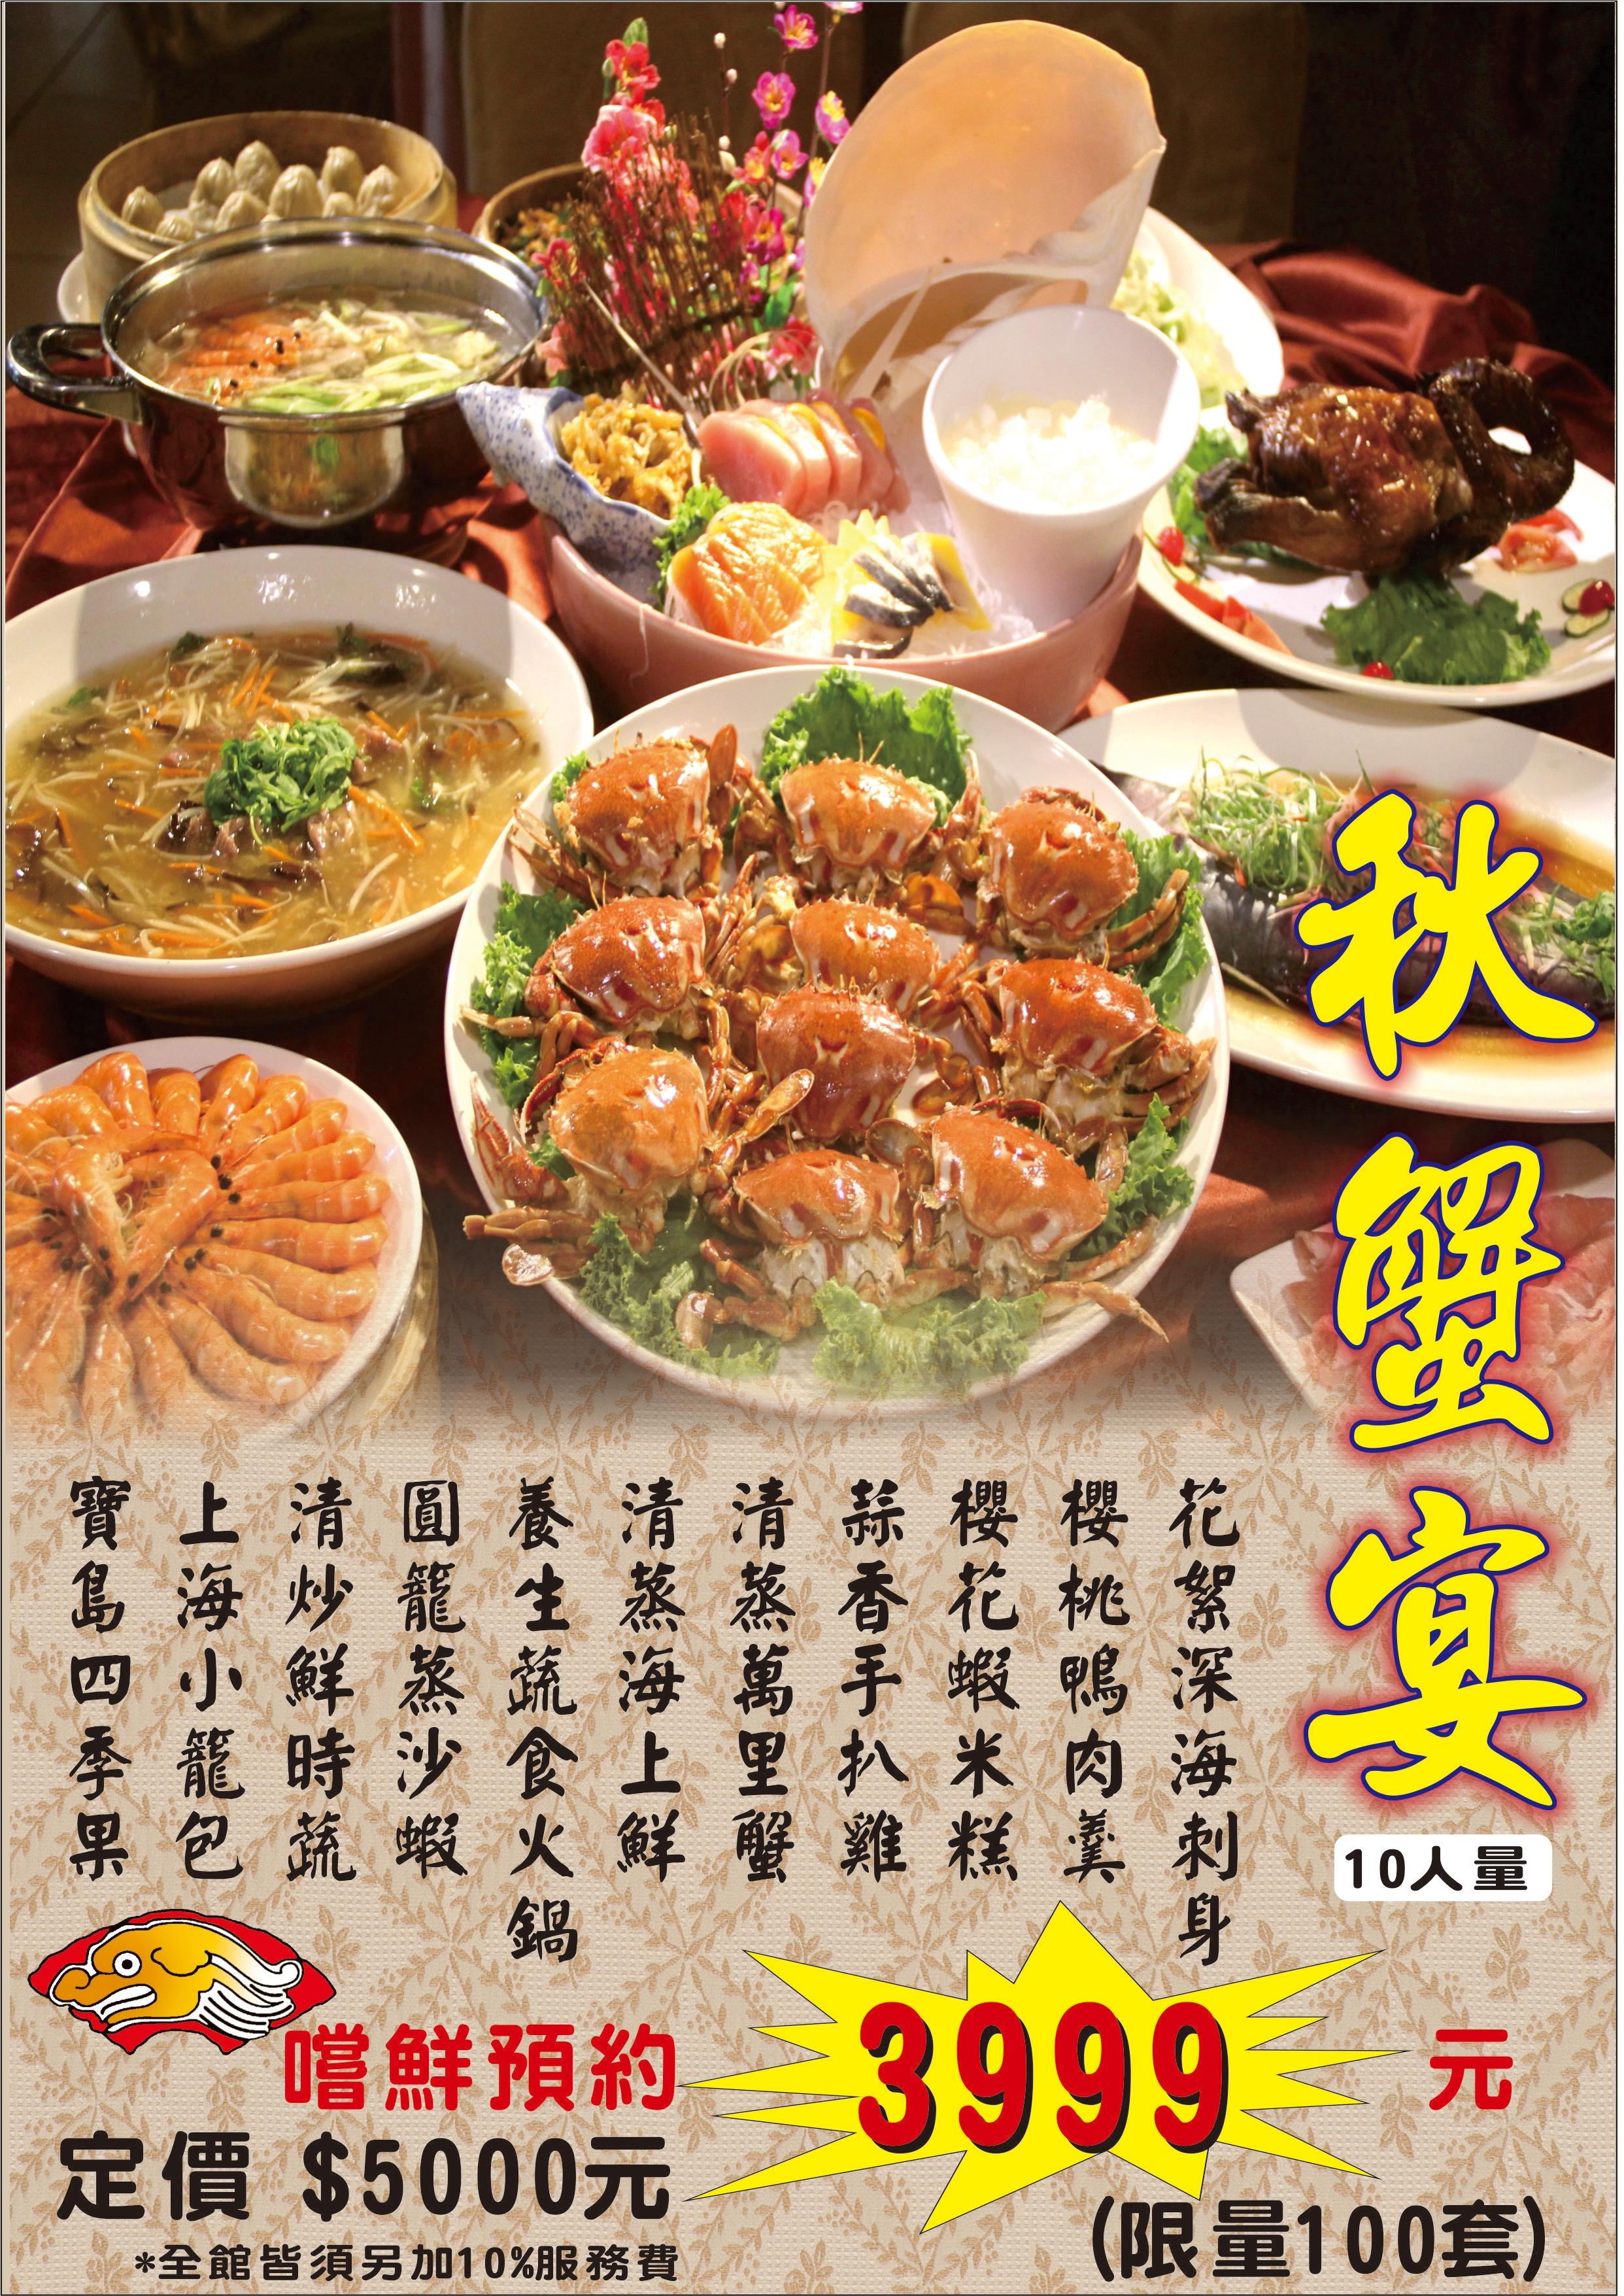 極品「秋蟹宴」~10人價特惠3999元★電子票券★餐券